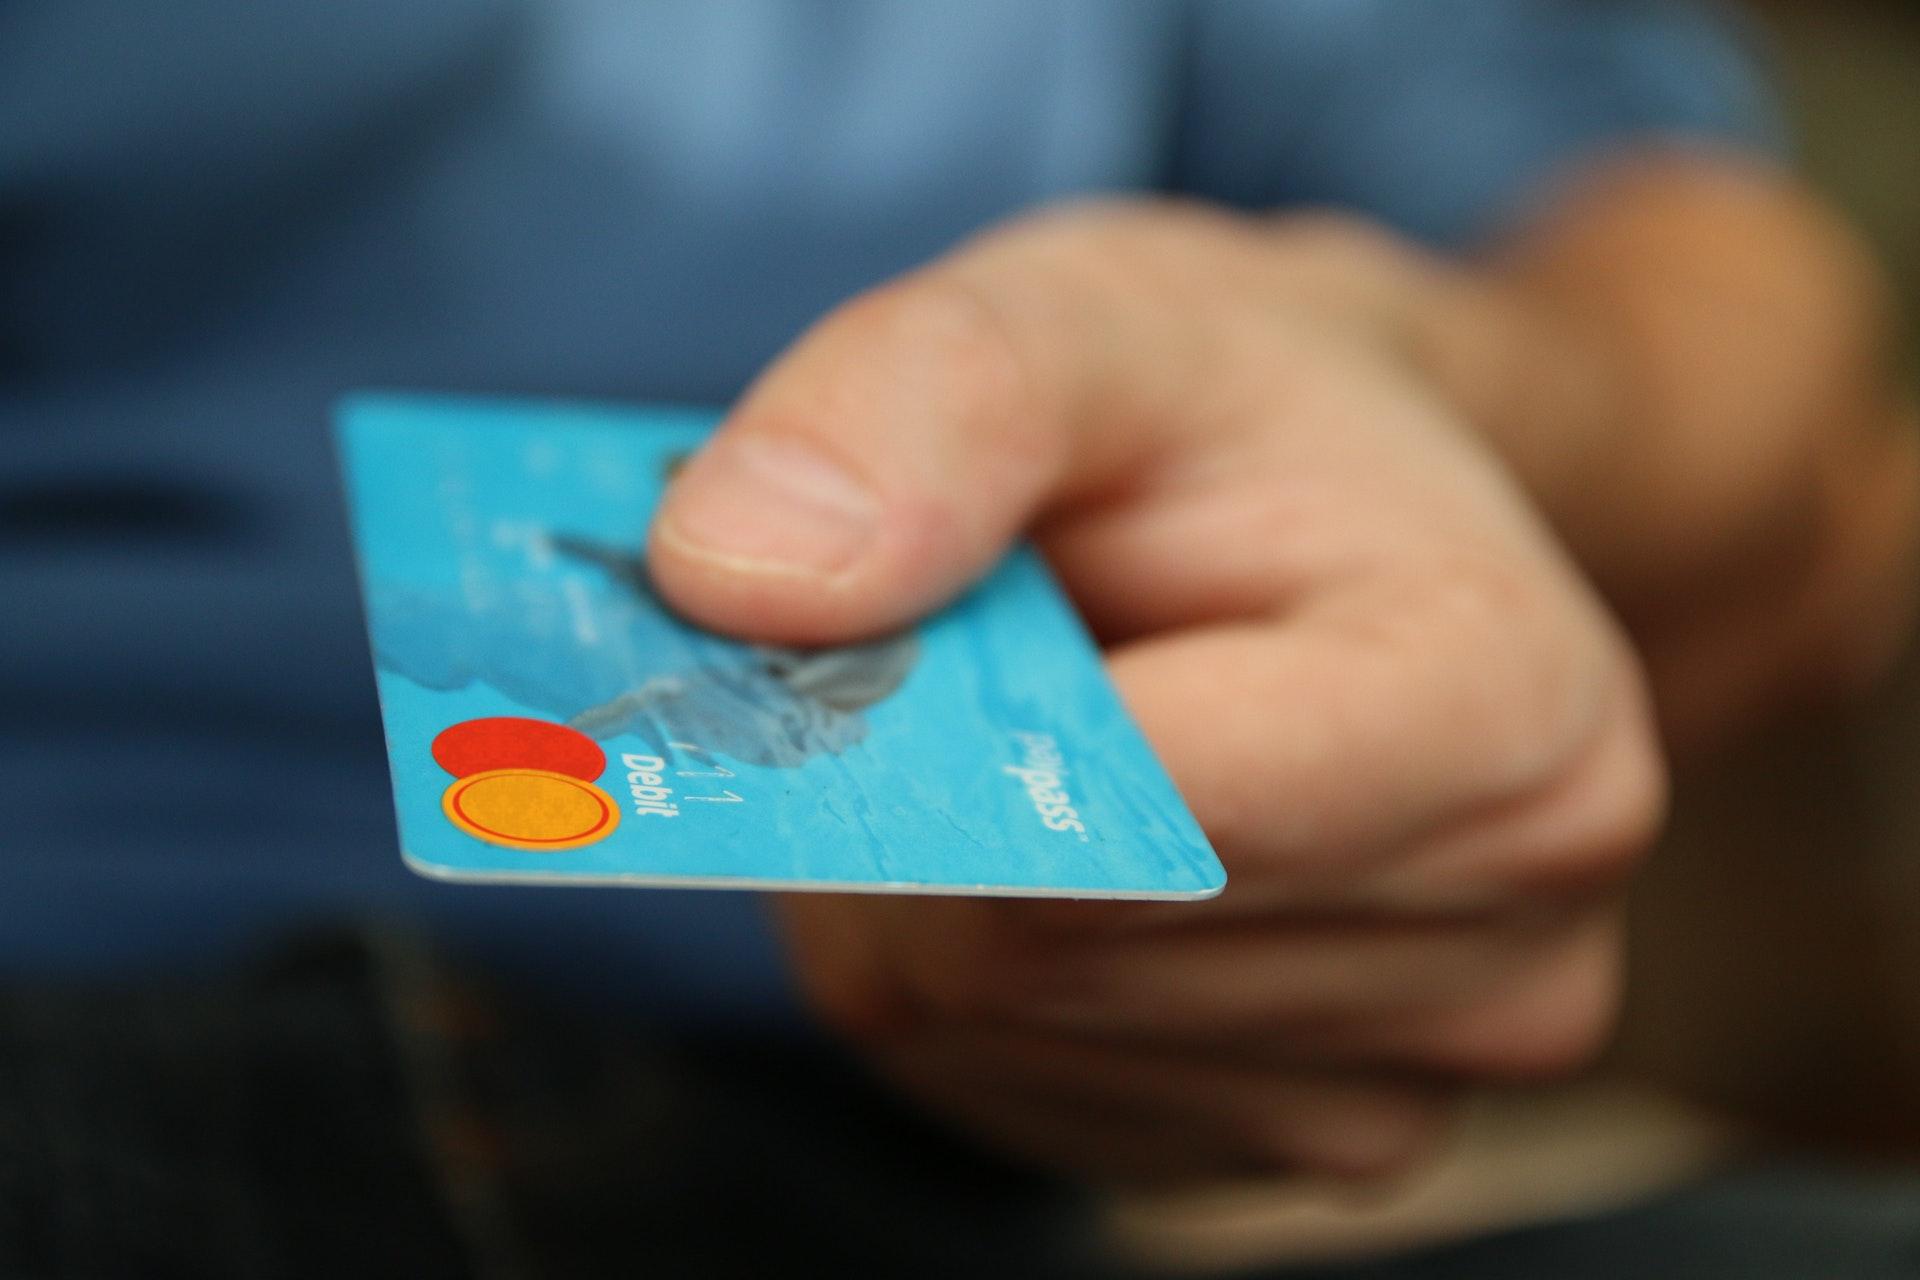 Bancos digitais: como funcionam